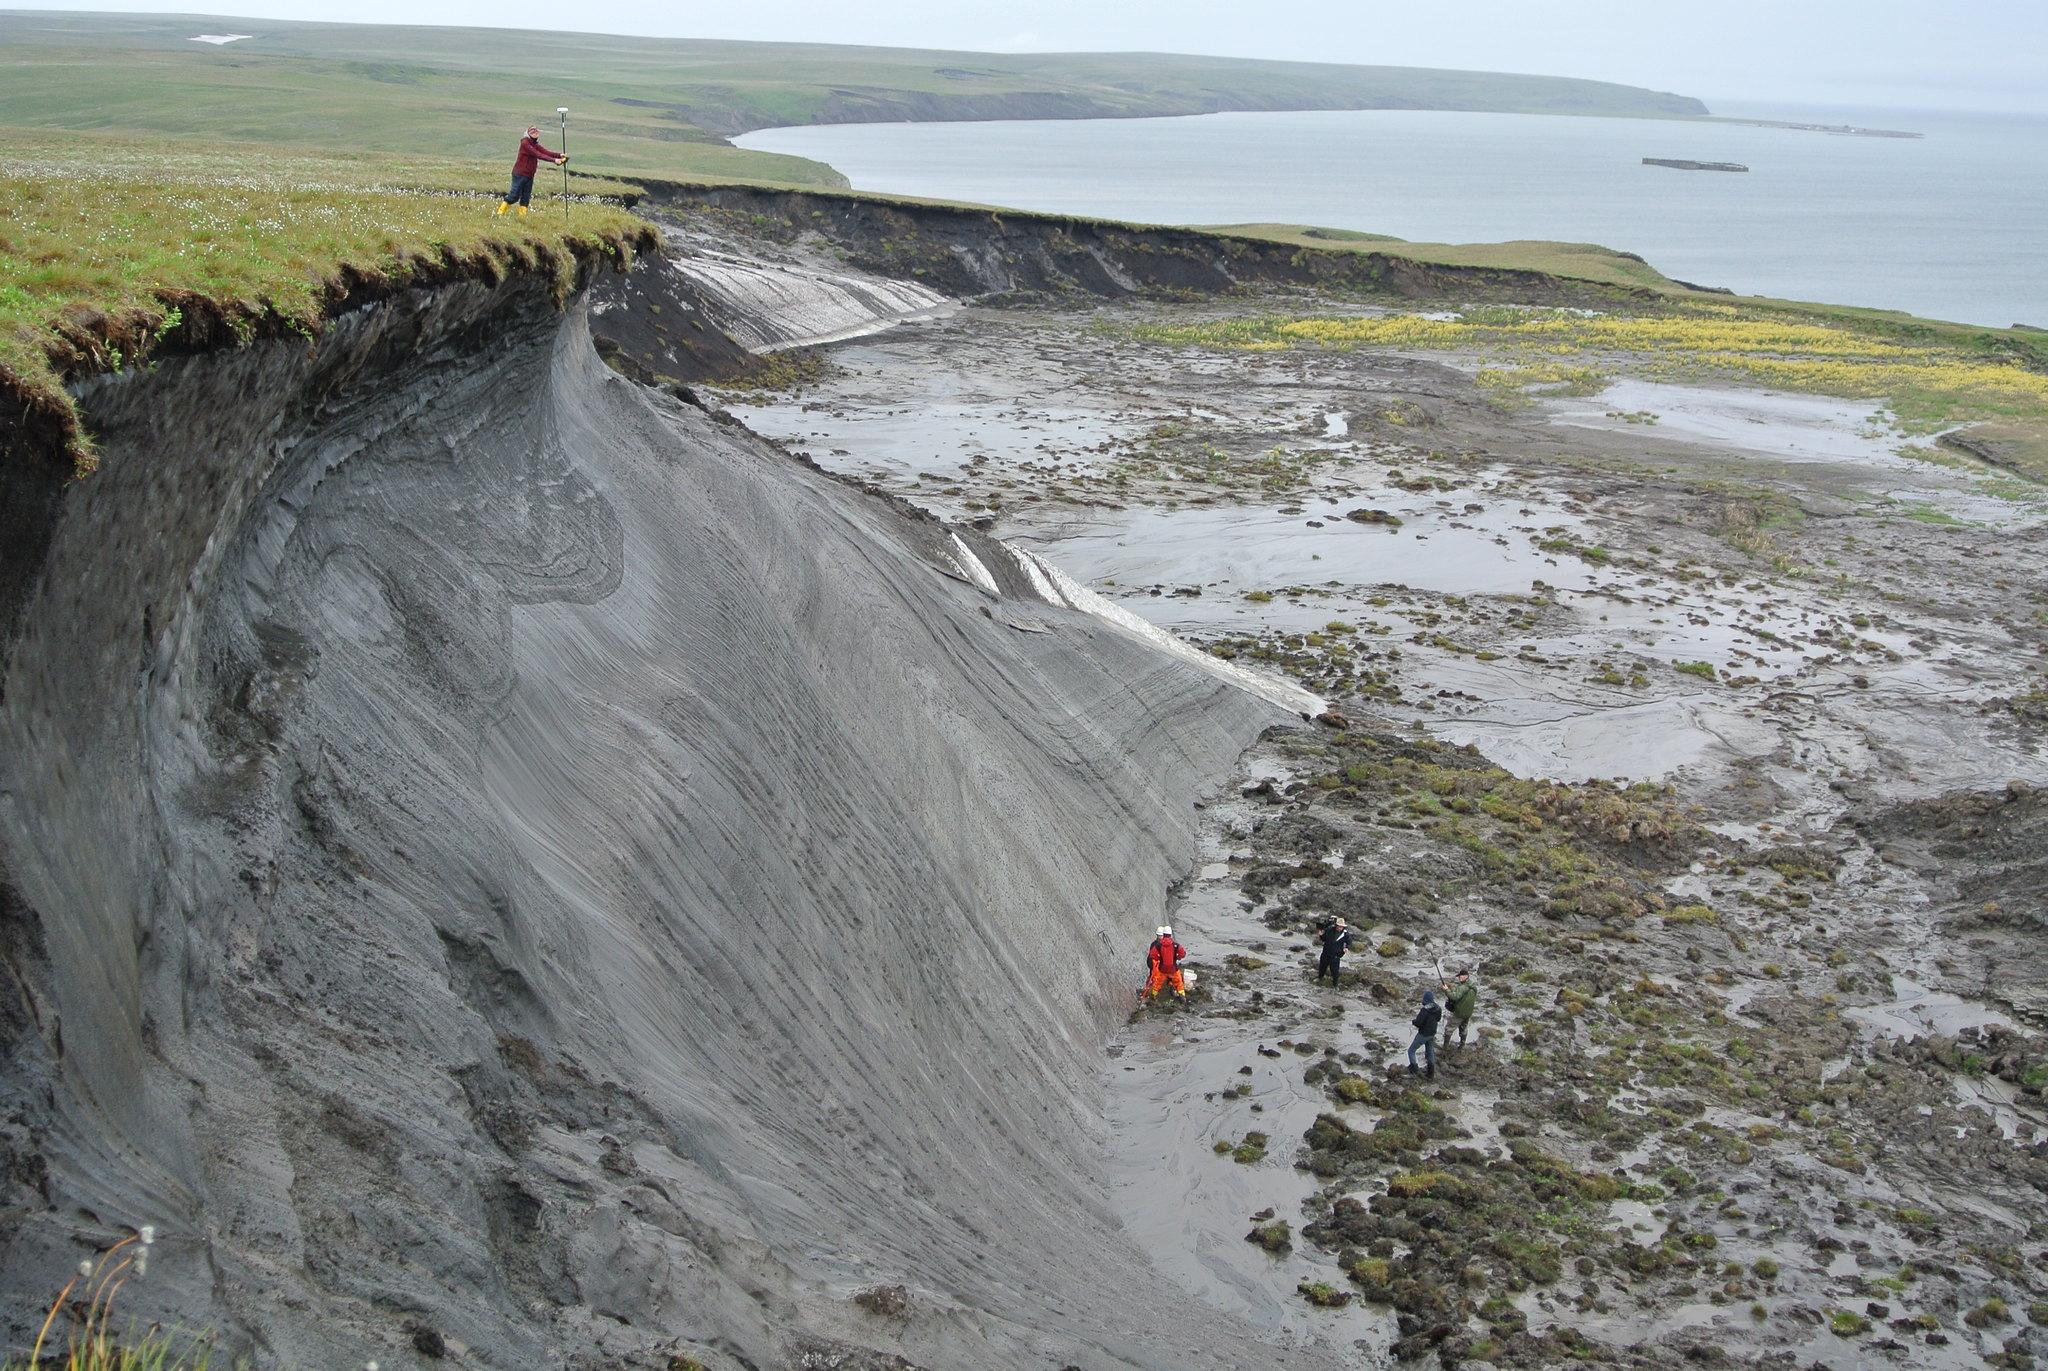 El paisaje de la isla Herschel (Canadá) muestra signos del deshielo del 'permafrost'./ BORIS RADOSAVLJEVIC